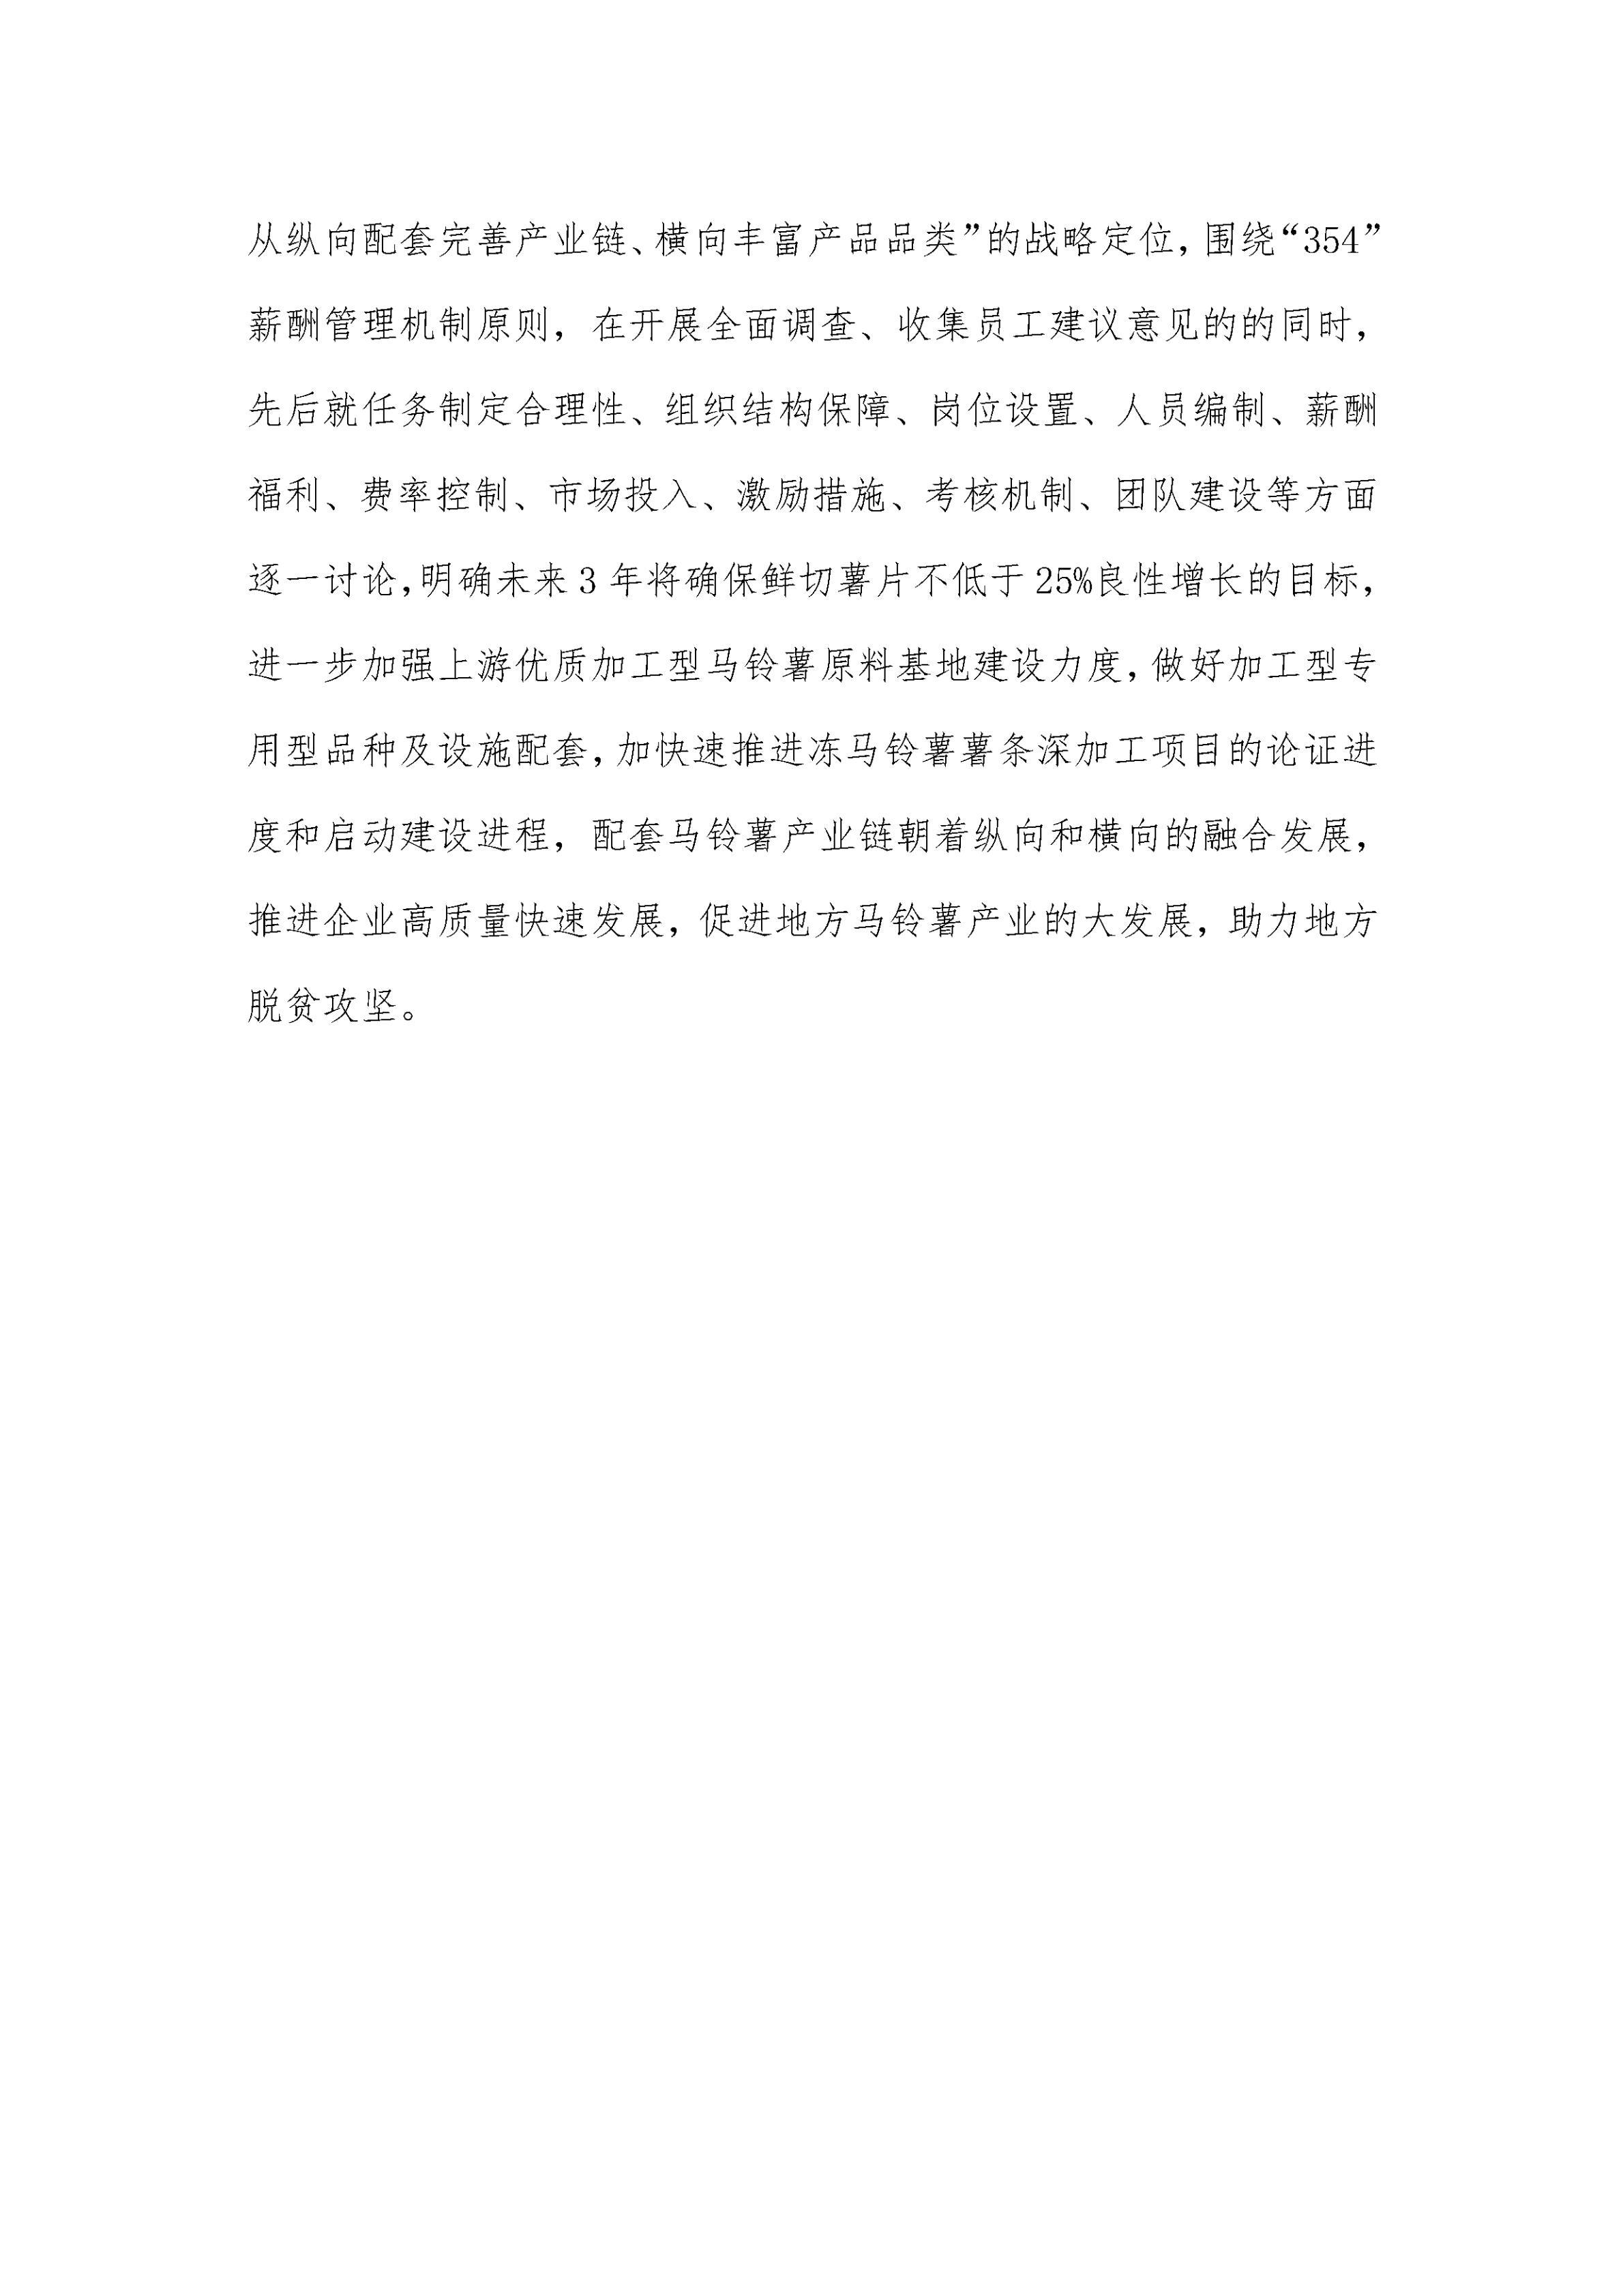 云南理世实业(集团)有限责任公司2019年社会责任报告.FR11_15.jpg